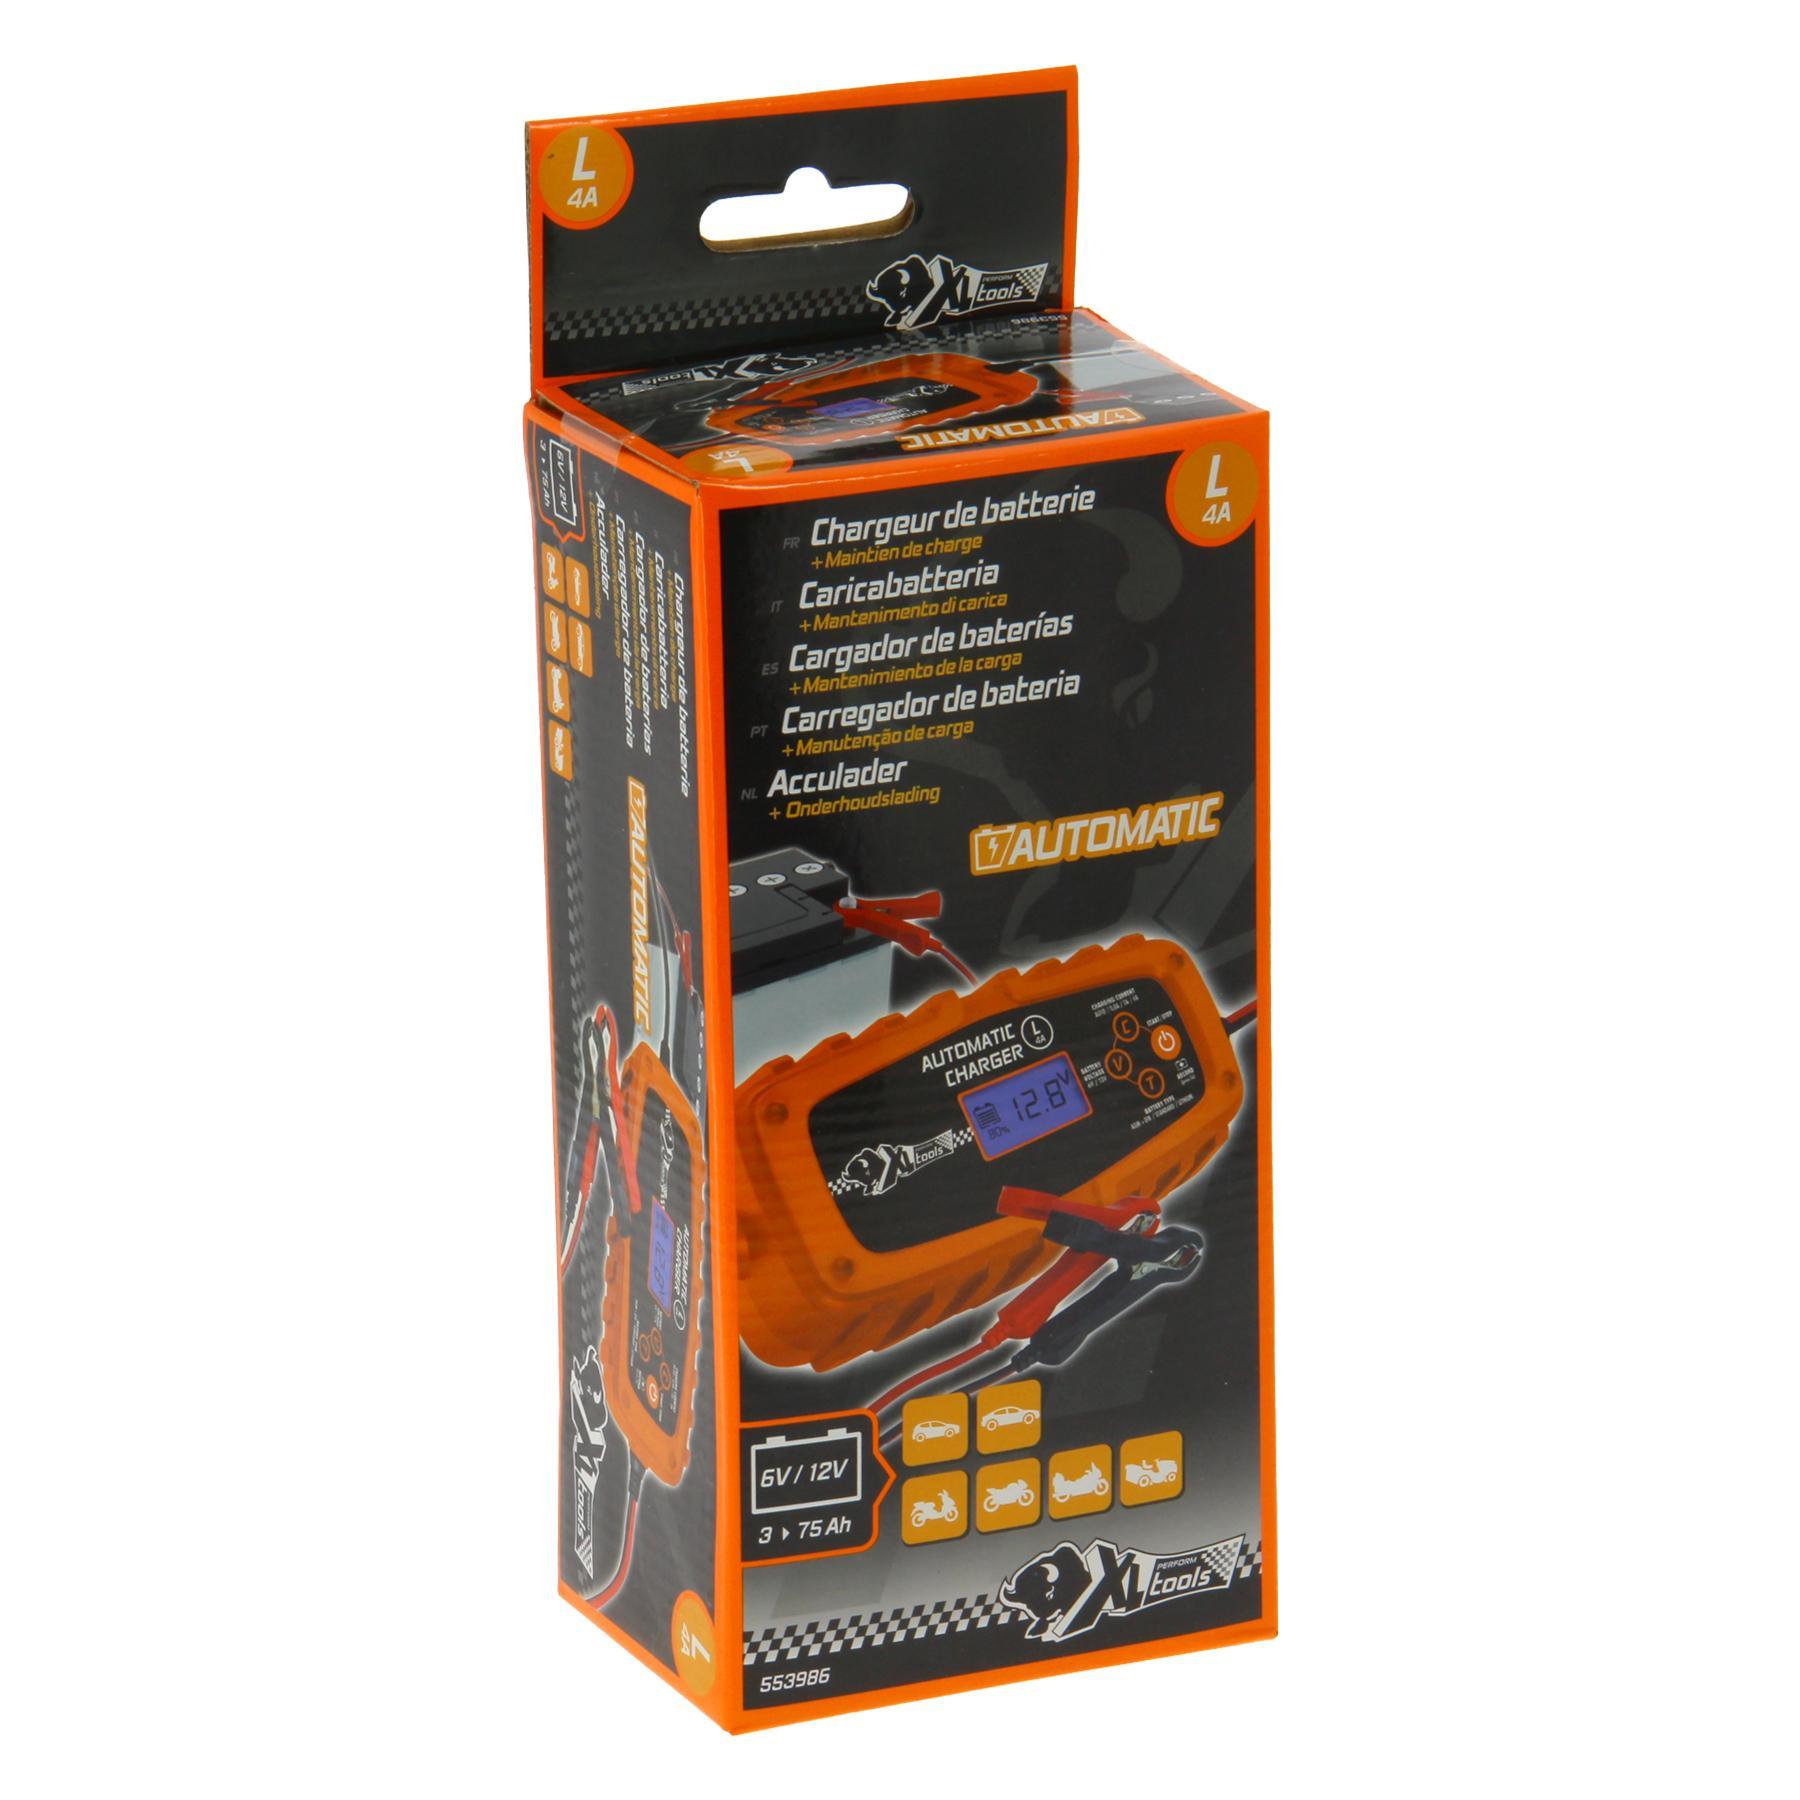 Chargeur de batterie XL 553986 connaissances d'experts